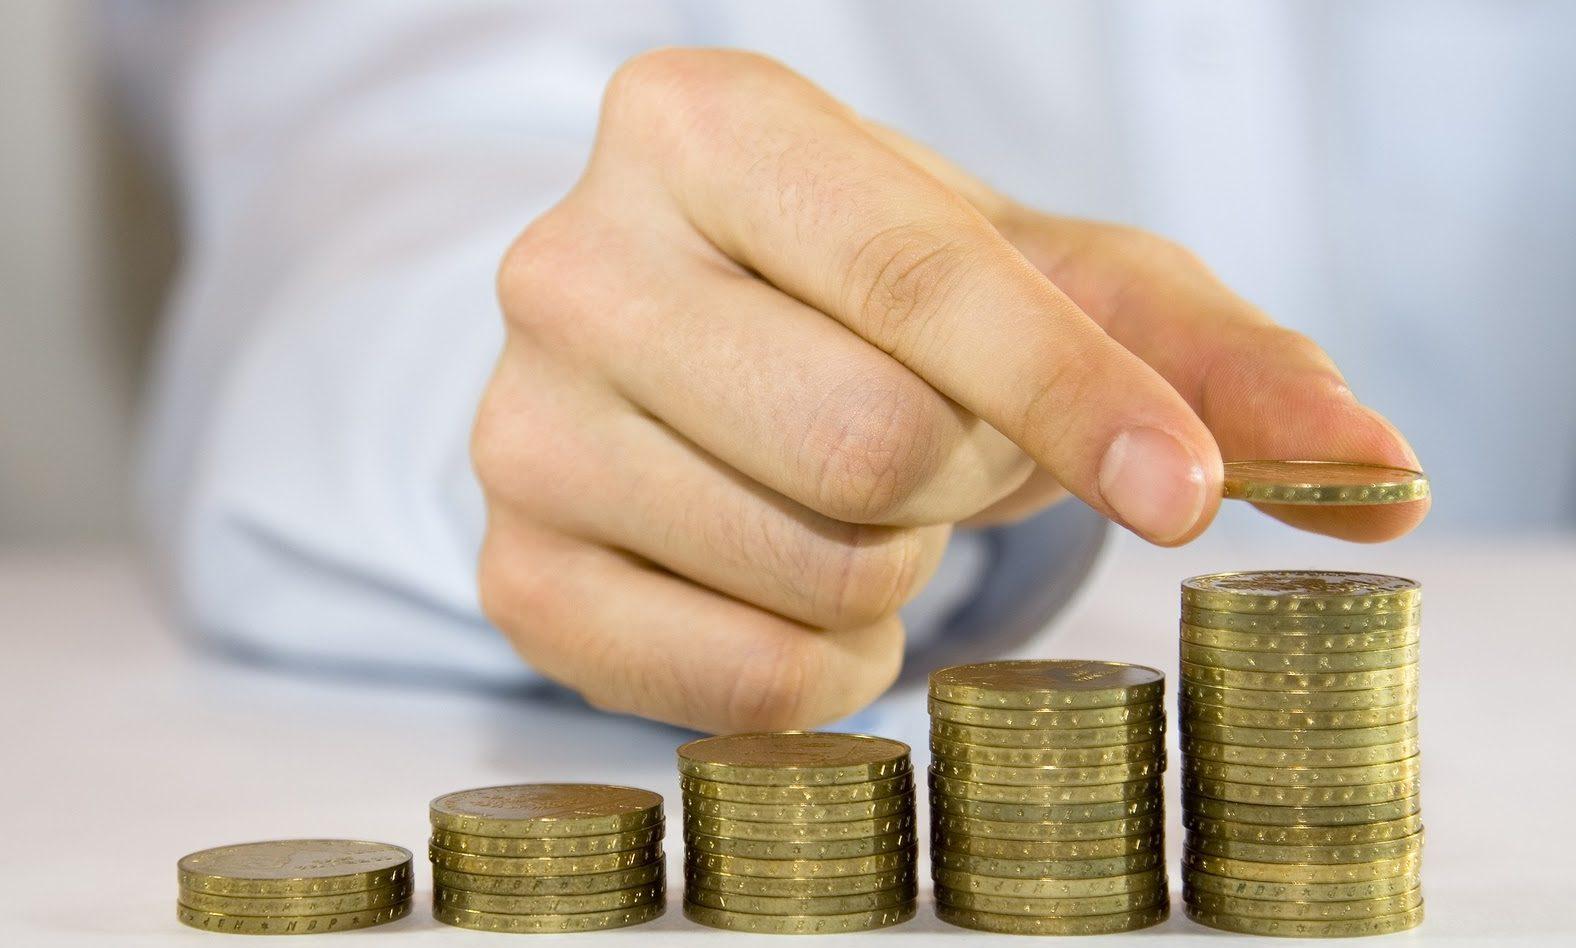 lehetőségek sok pénzt keresni teljes tanfolyam opciós szakembereknek